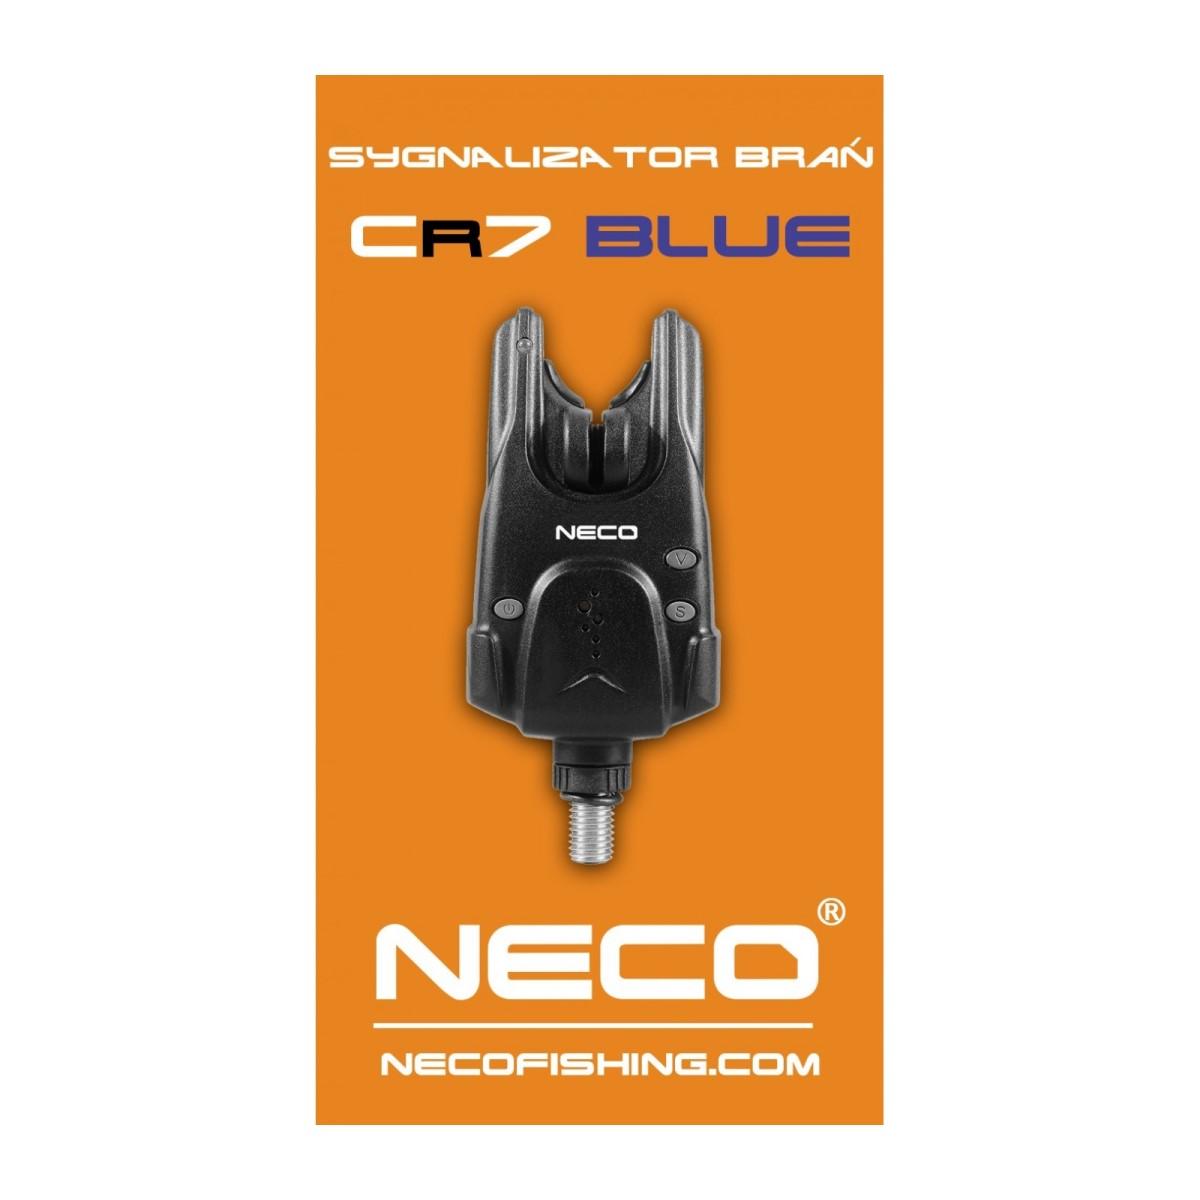 Сигнализатор шарански Neco Cr7 Blue